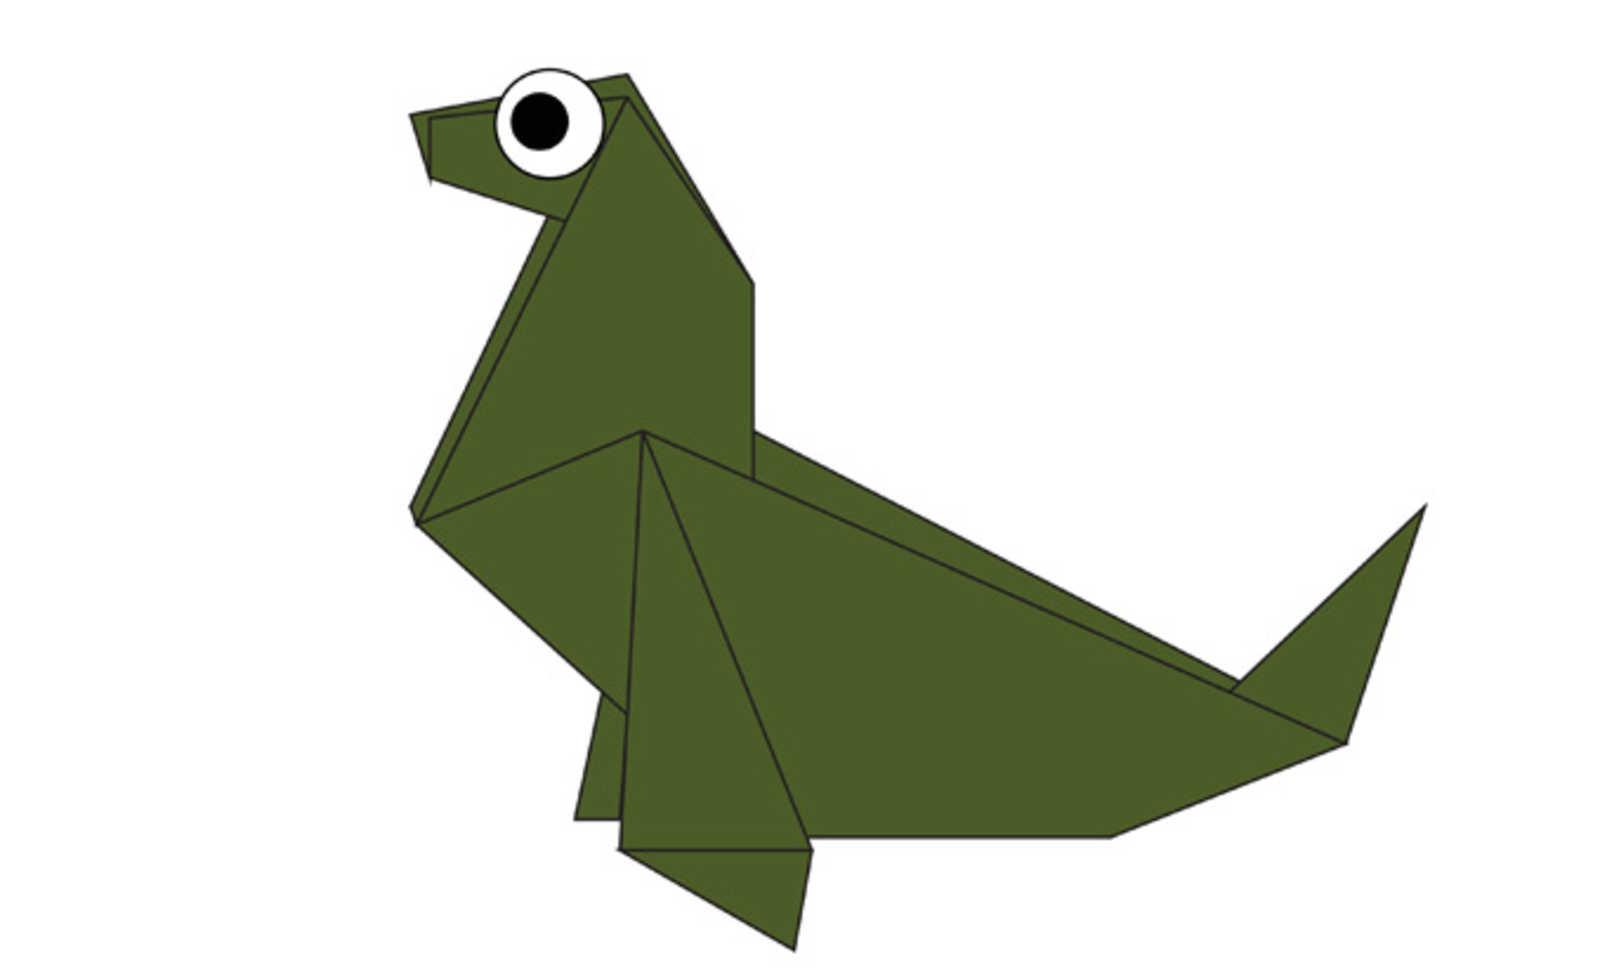 Bekannt Bastelideen: Origami-Tiere - Basteln Sie Ihren kleinen Zoo DK99